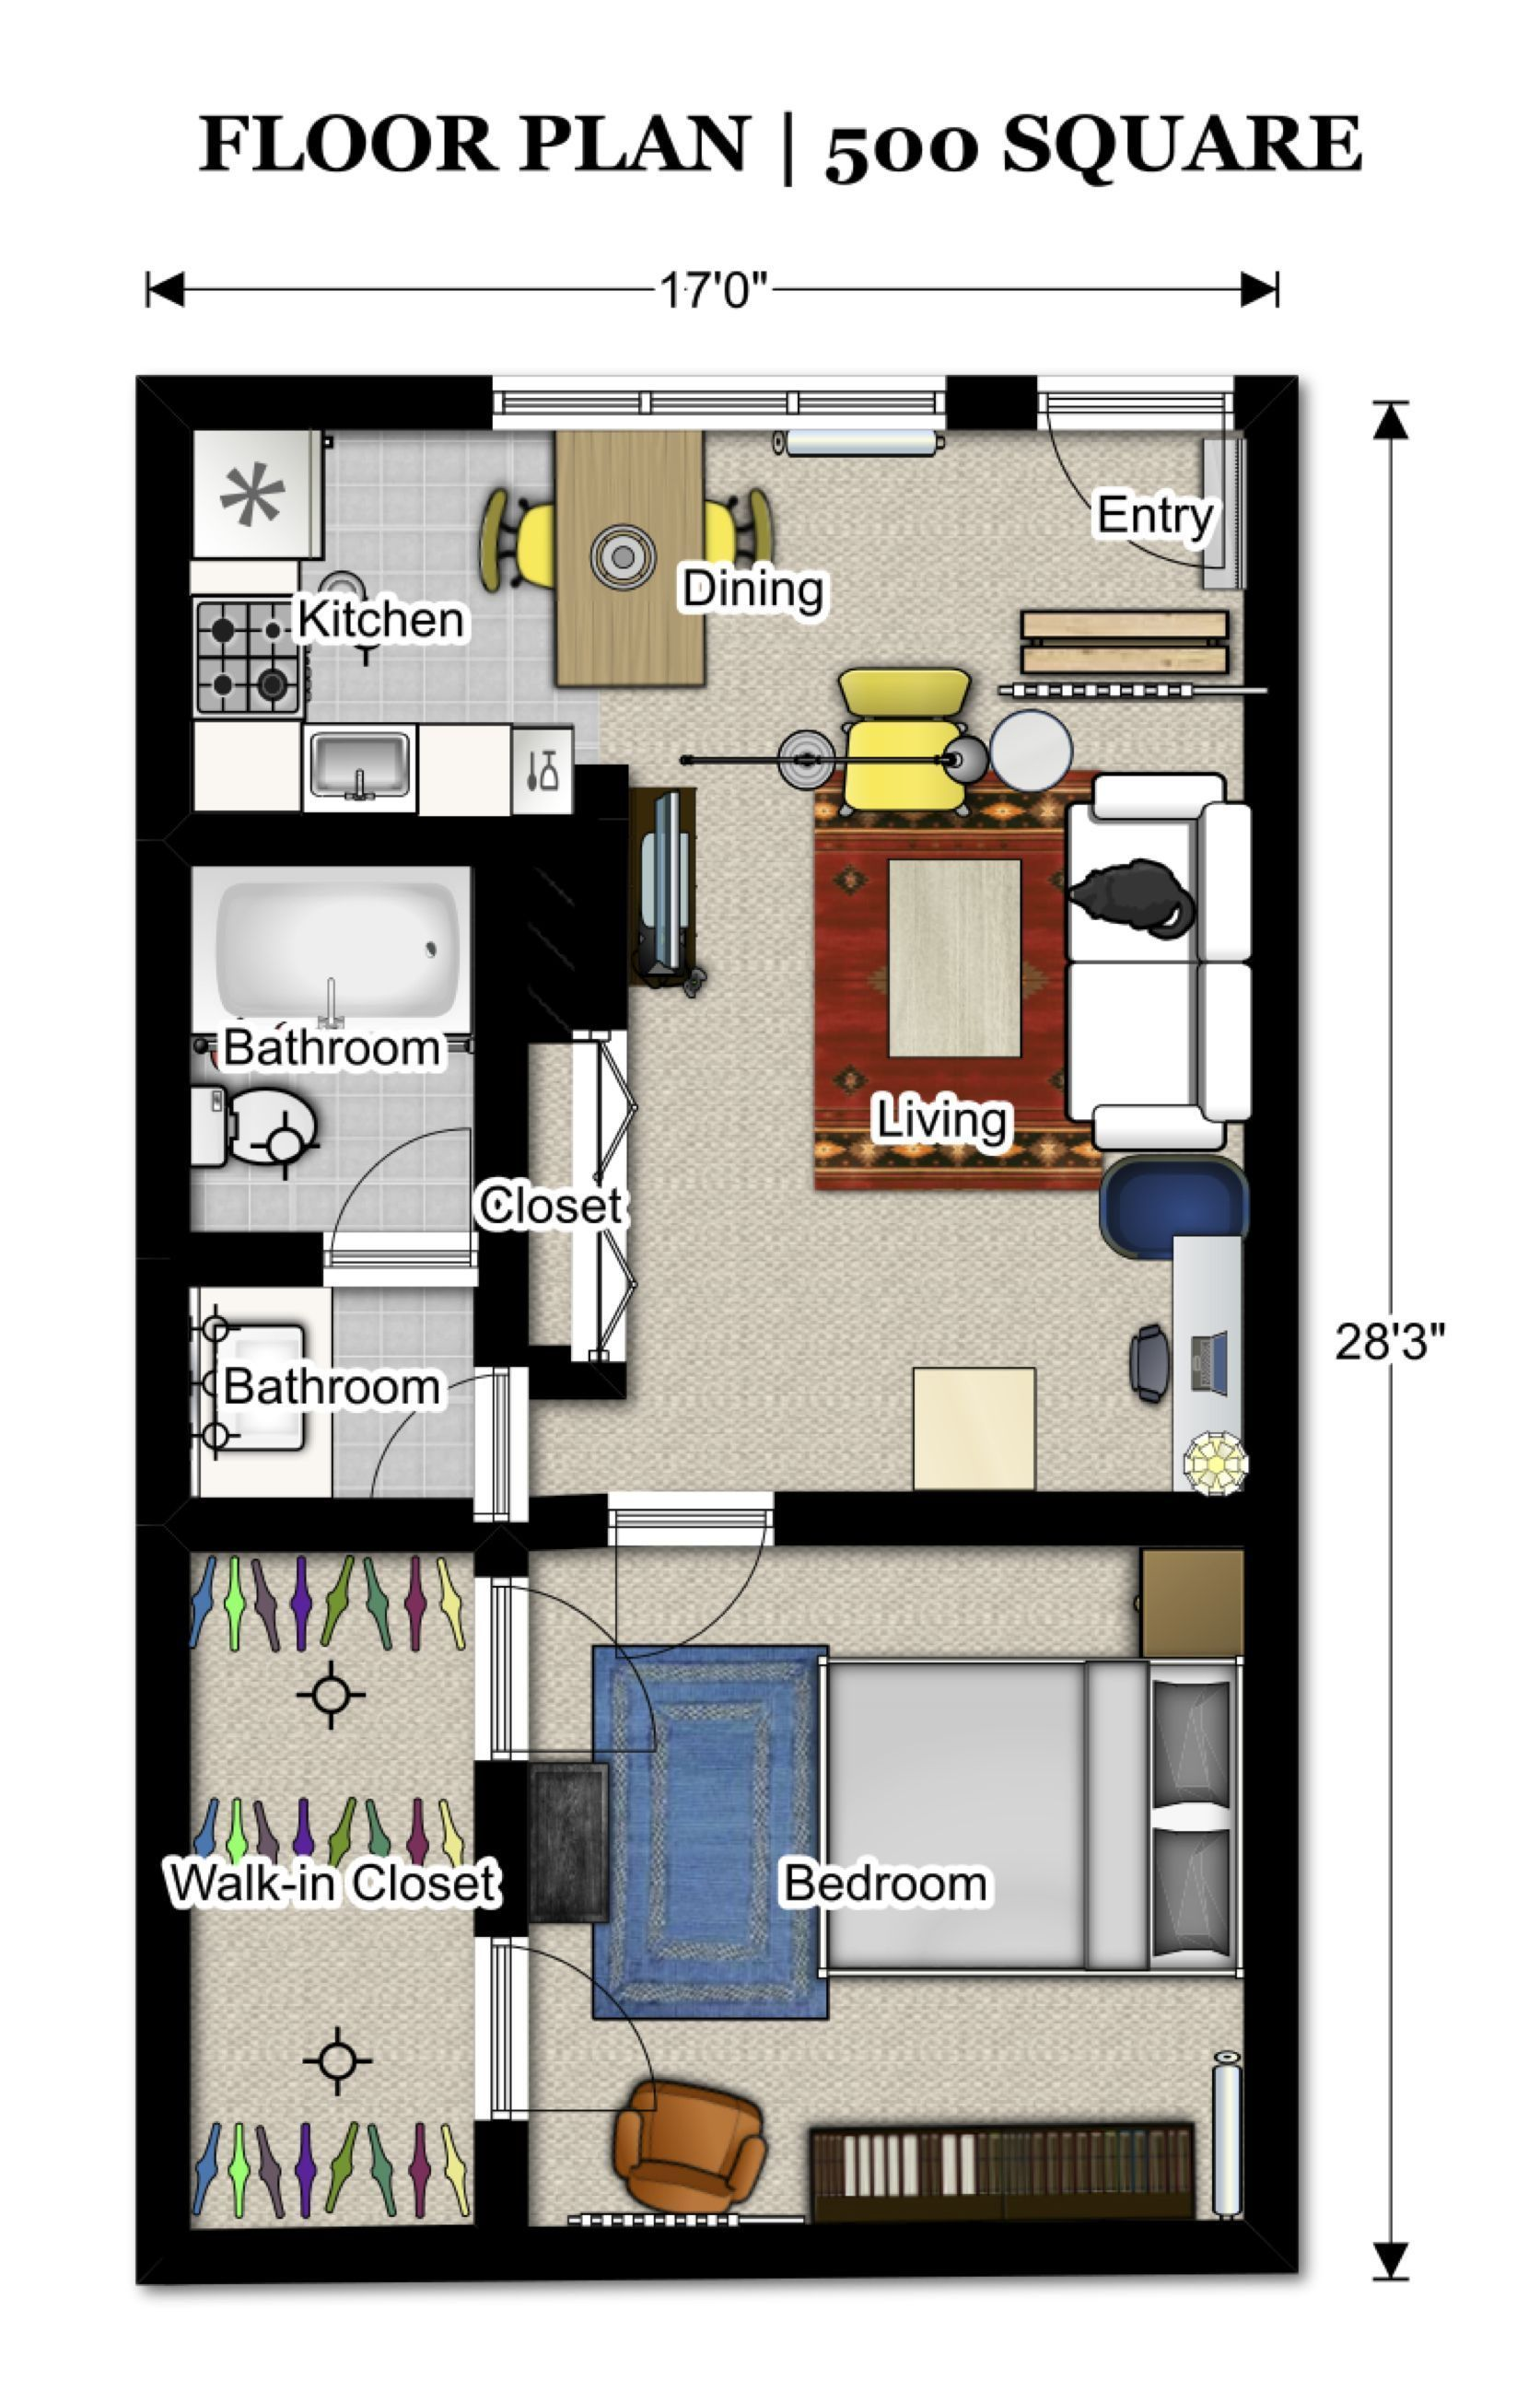 12 Ikea Badezimmerplaner Archives Badezimmer Ideen Eintagamsee Wohnungsgrundrisse Wohnungsgrundriss Grundrisse Kleiner Hauser